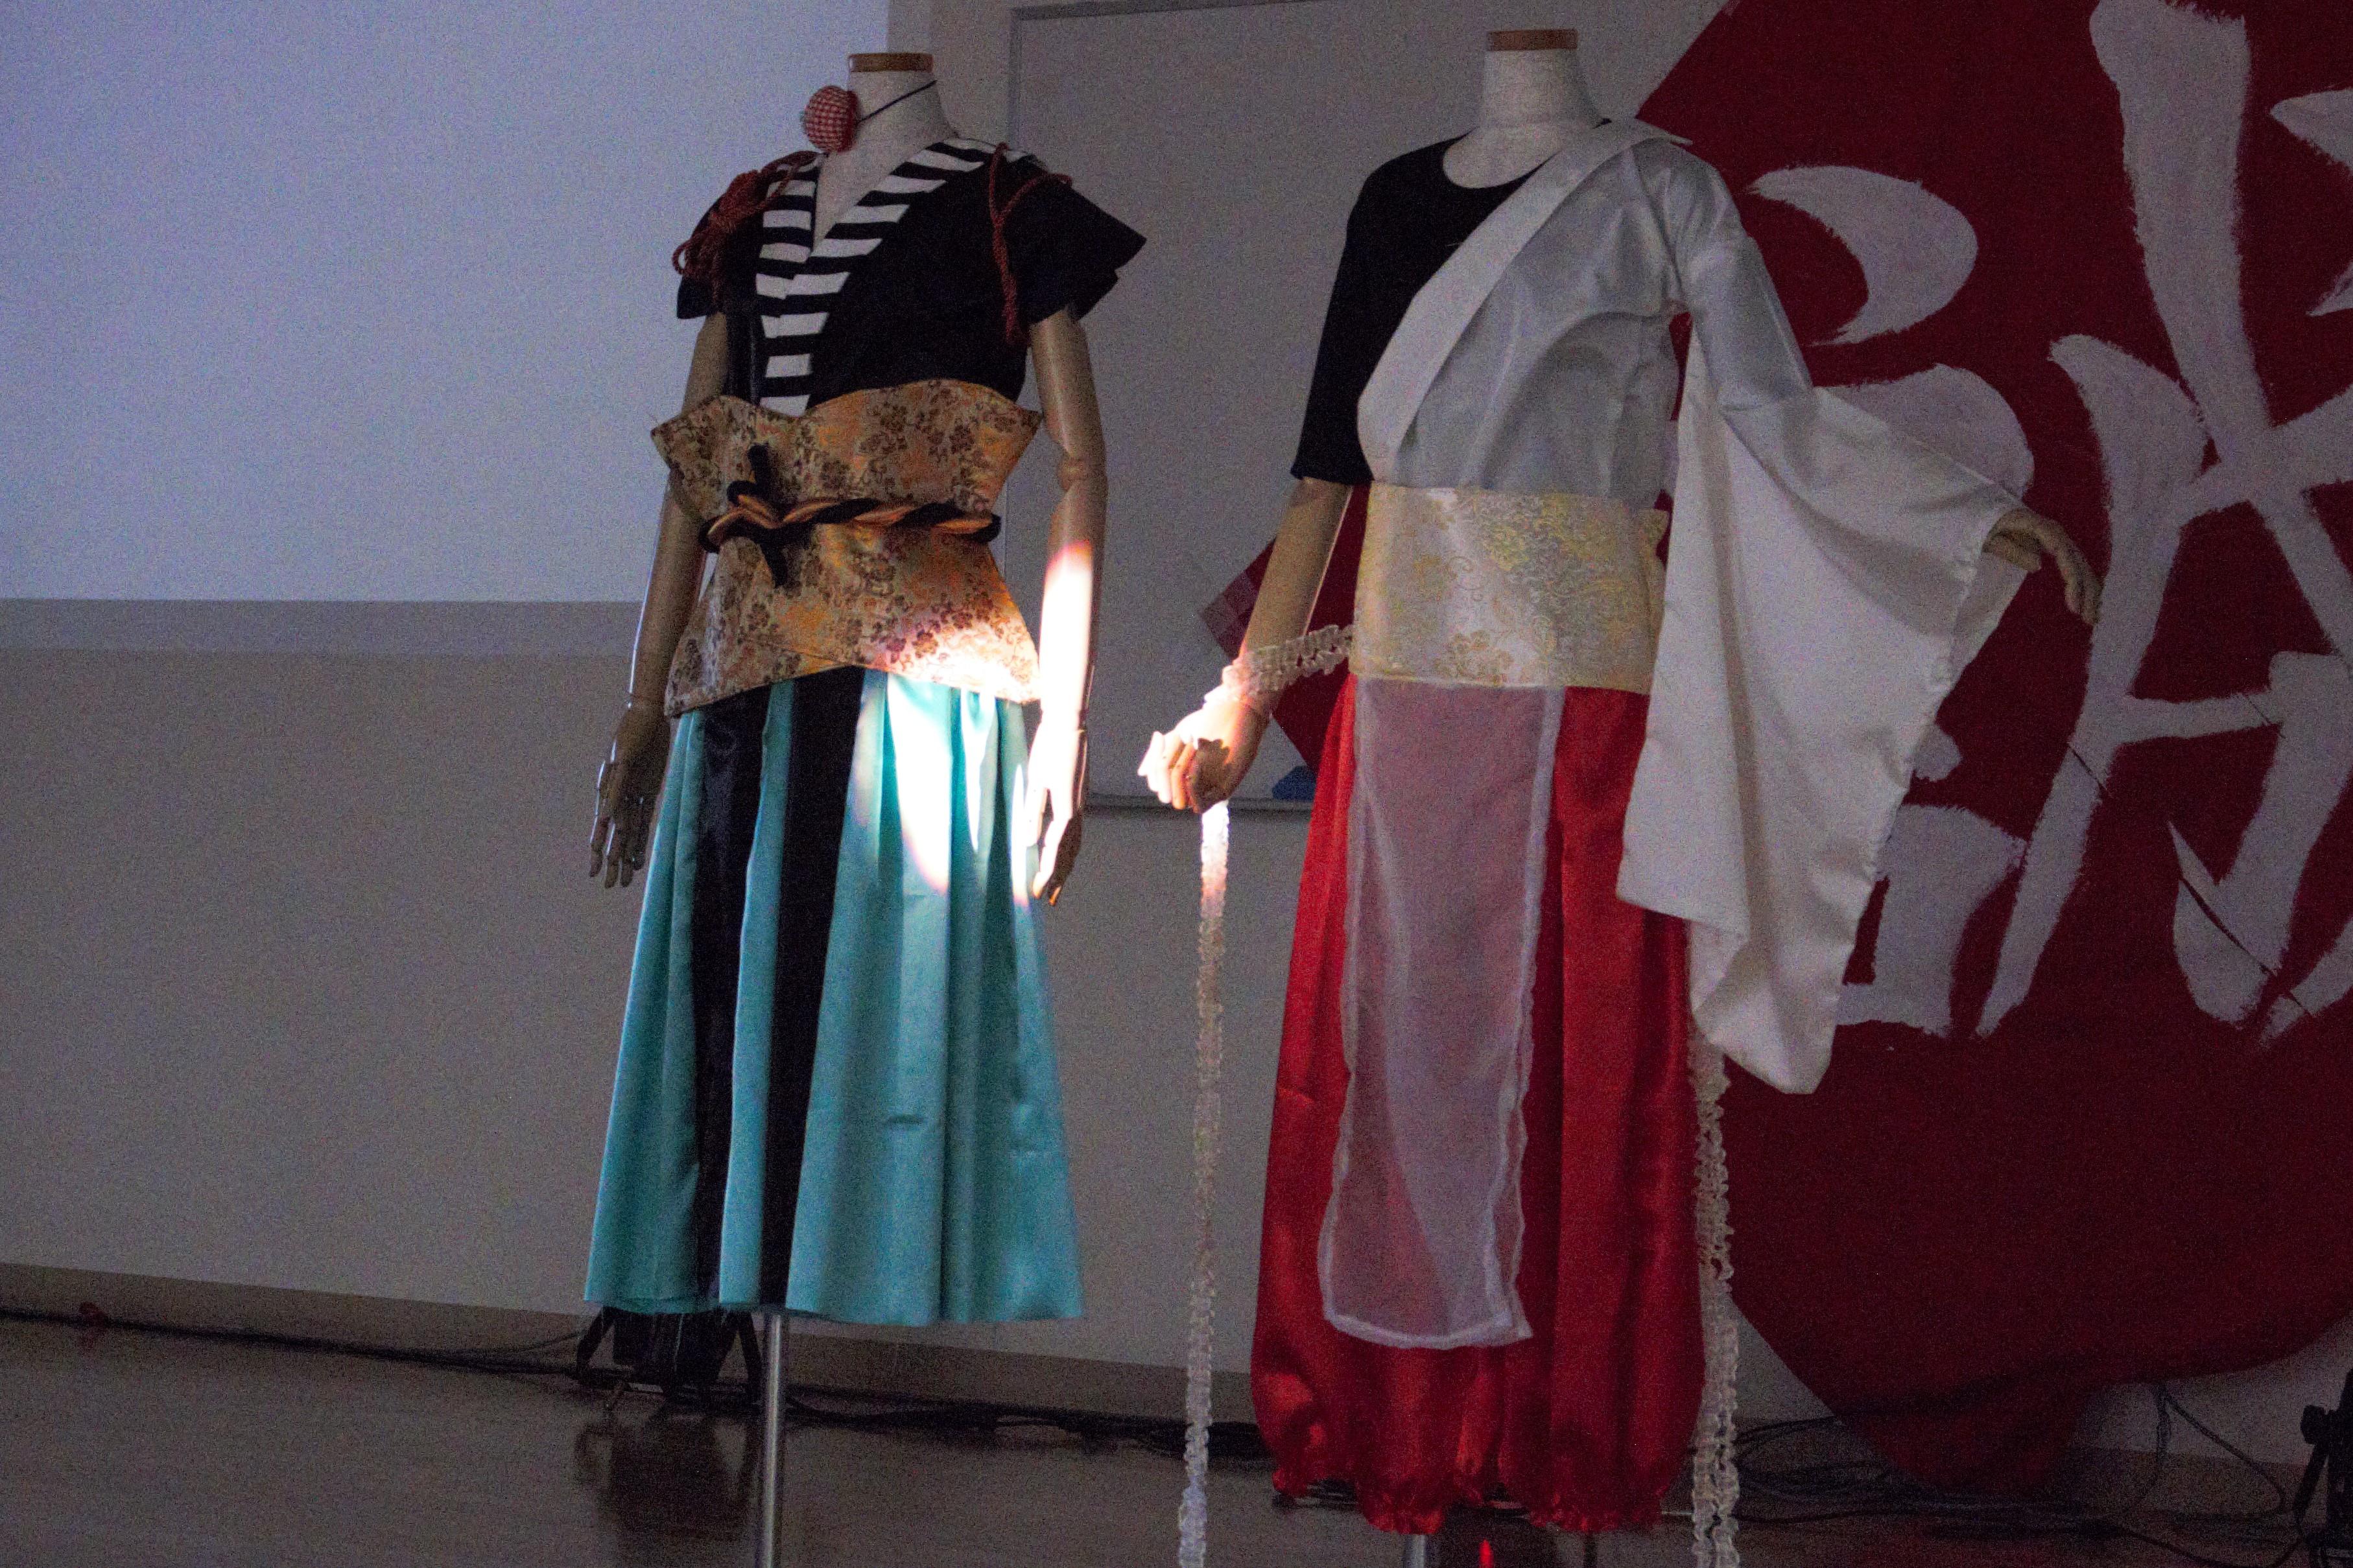 舞台衣装:太鼓班やよさこい班が衣装を着た姿を早く見てみたいです。